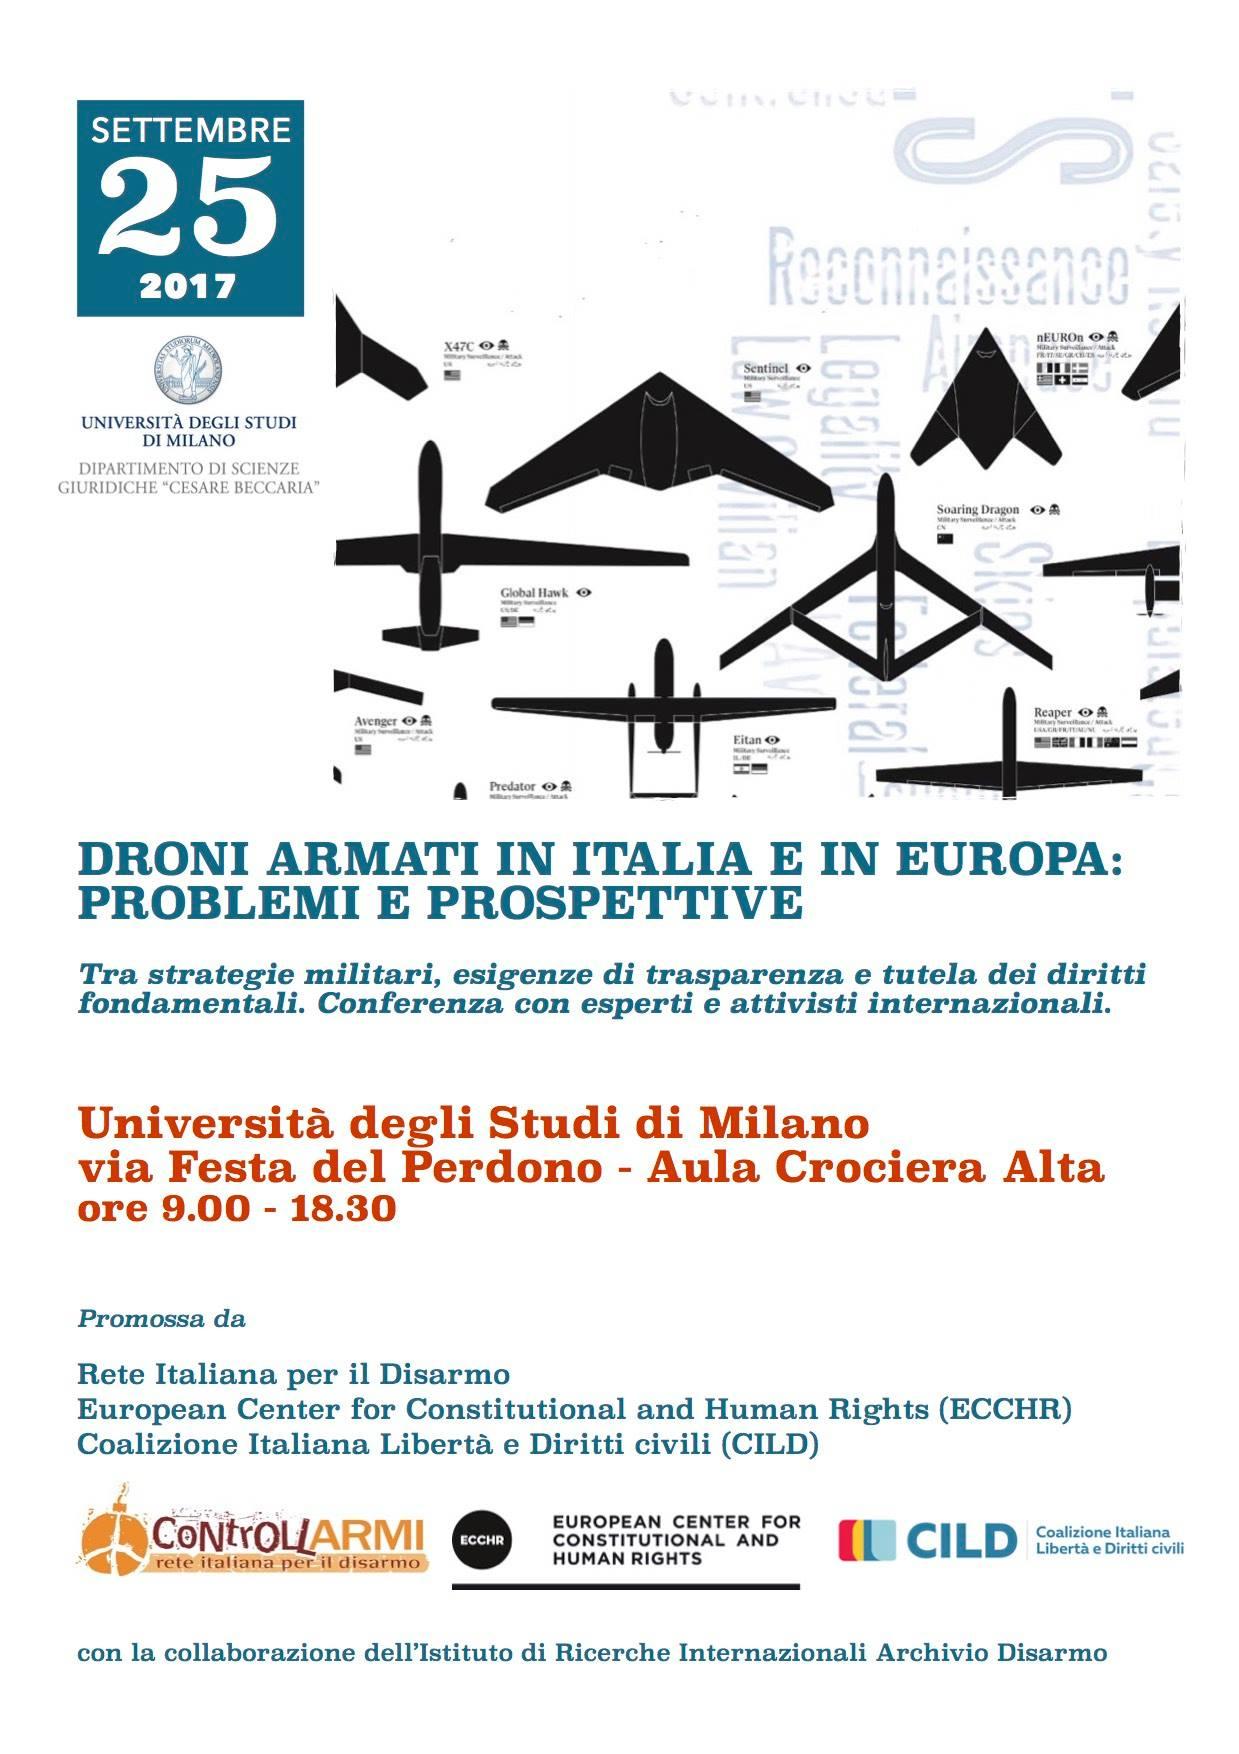 Droni armati: il programma della conferenza (Milano, 25 settembre)